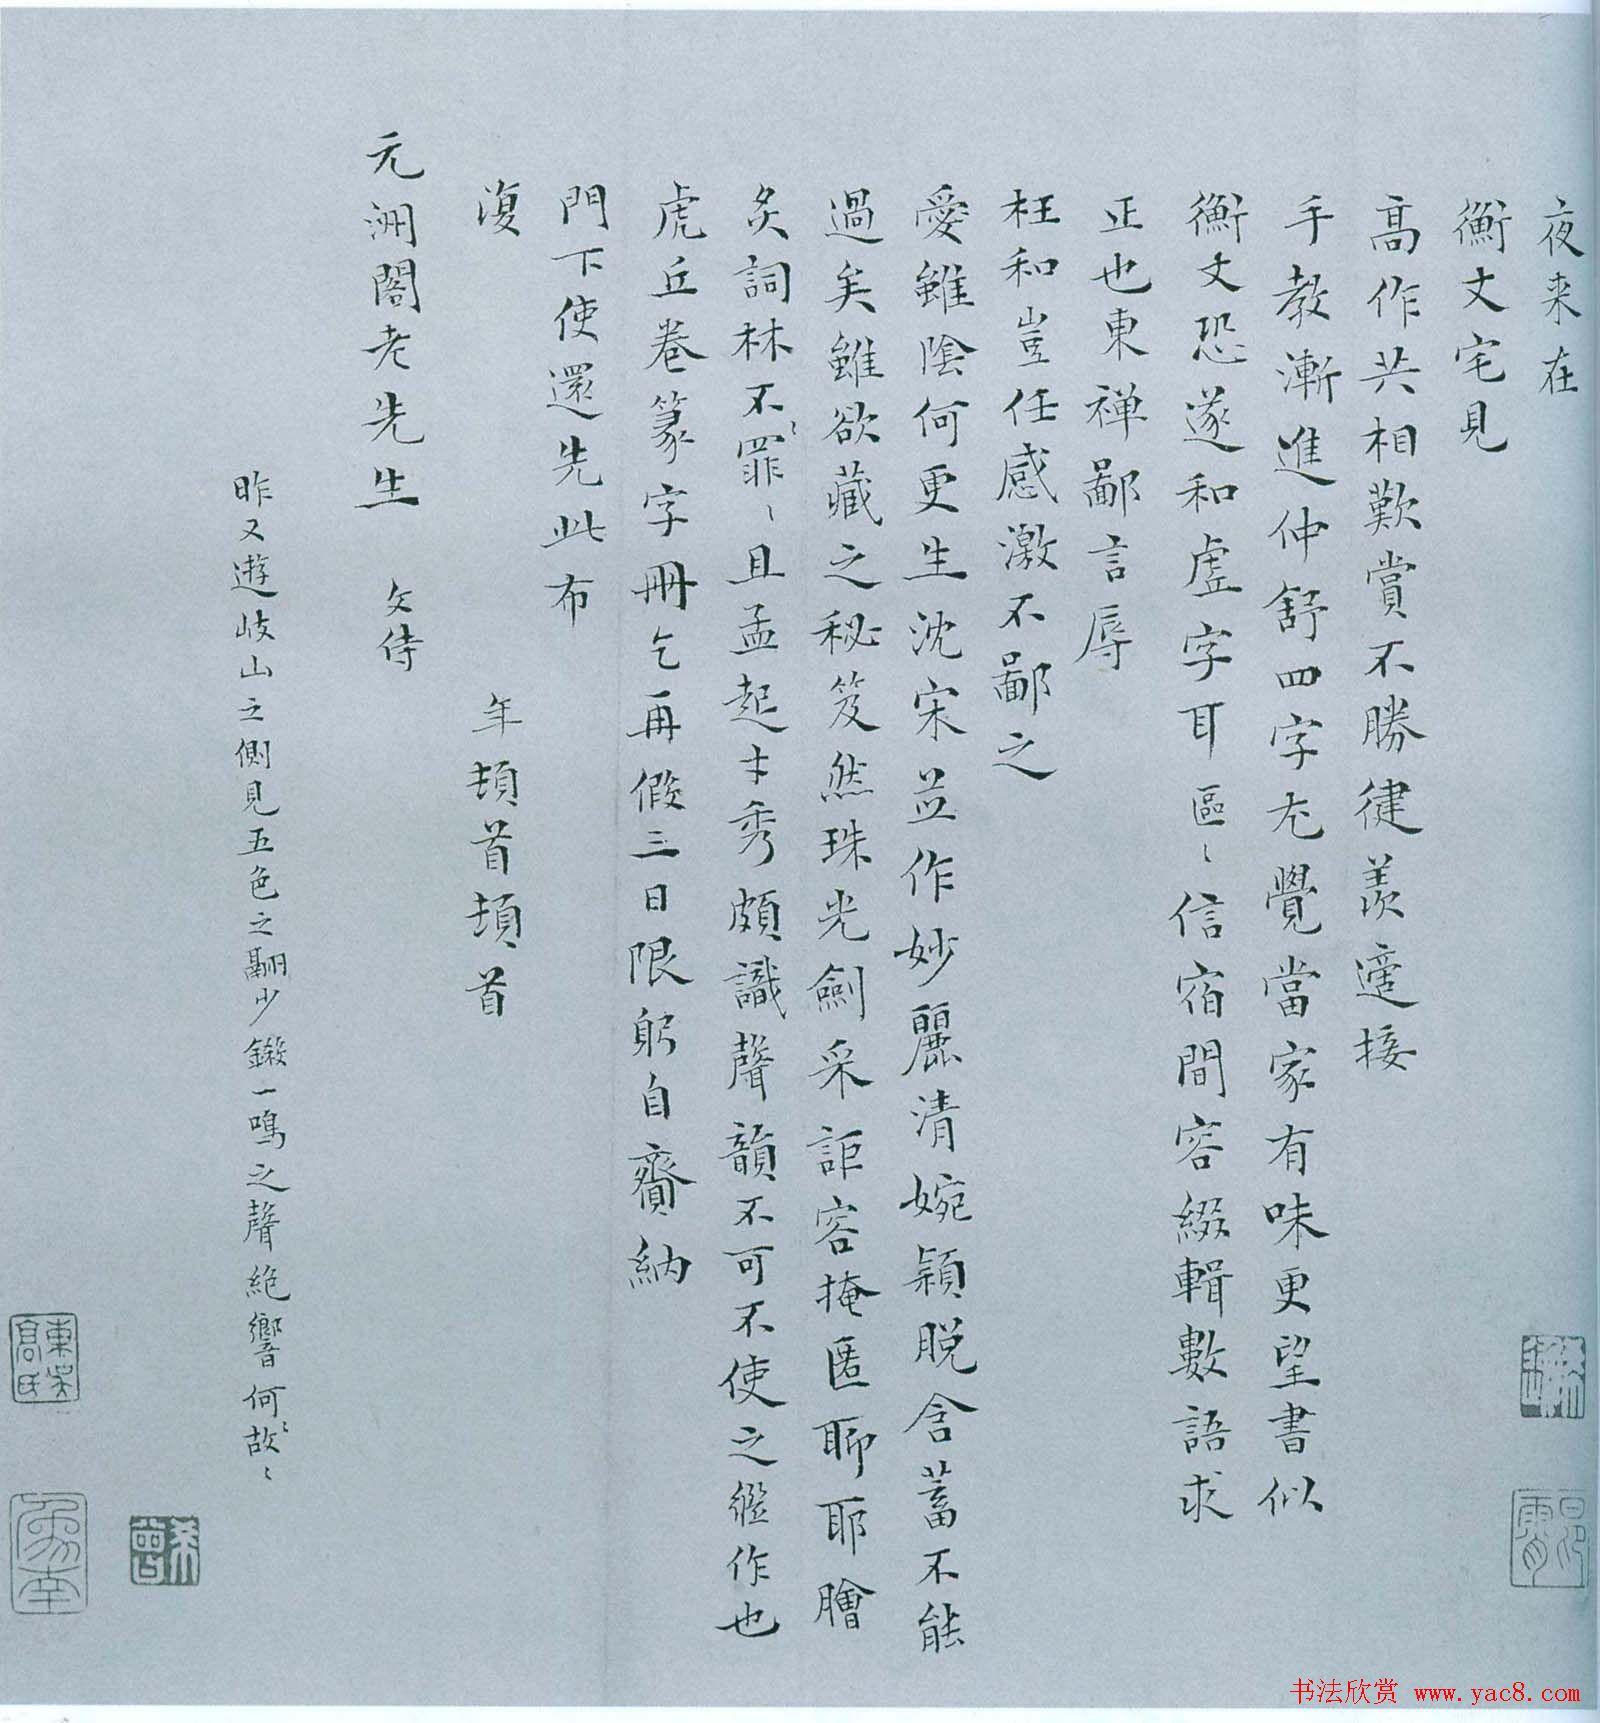 彭年楷书欣赏信札题跋墨迹